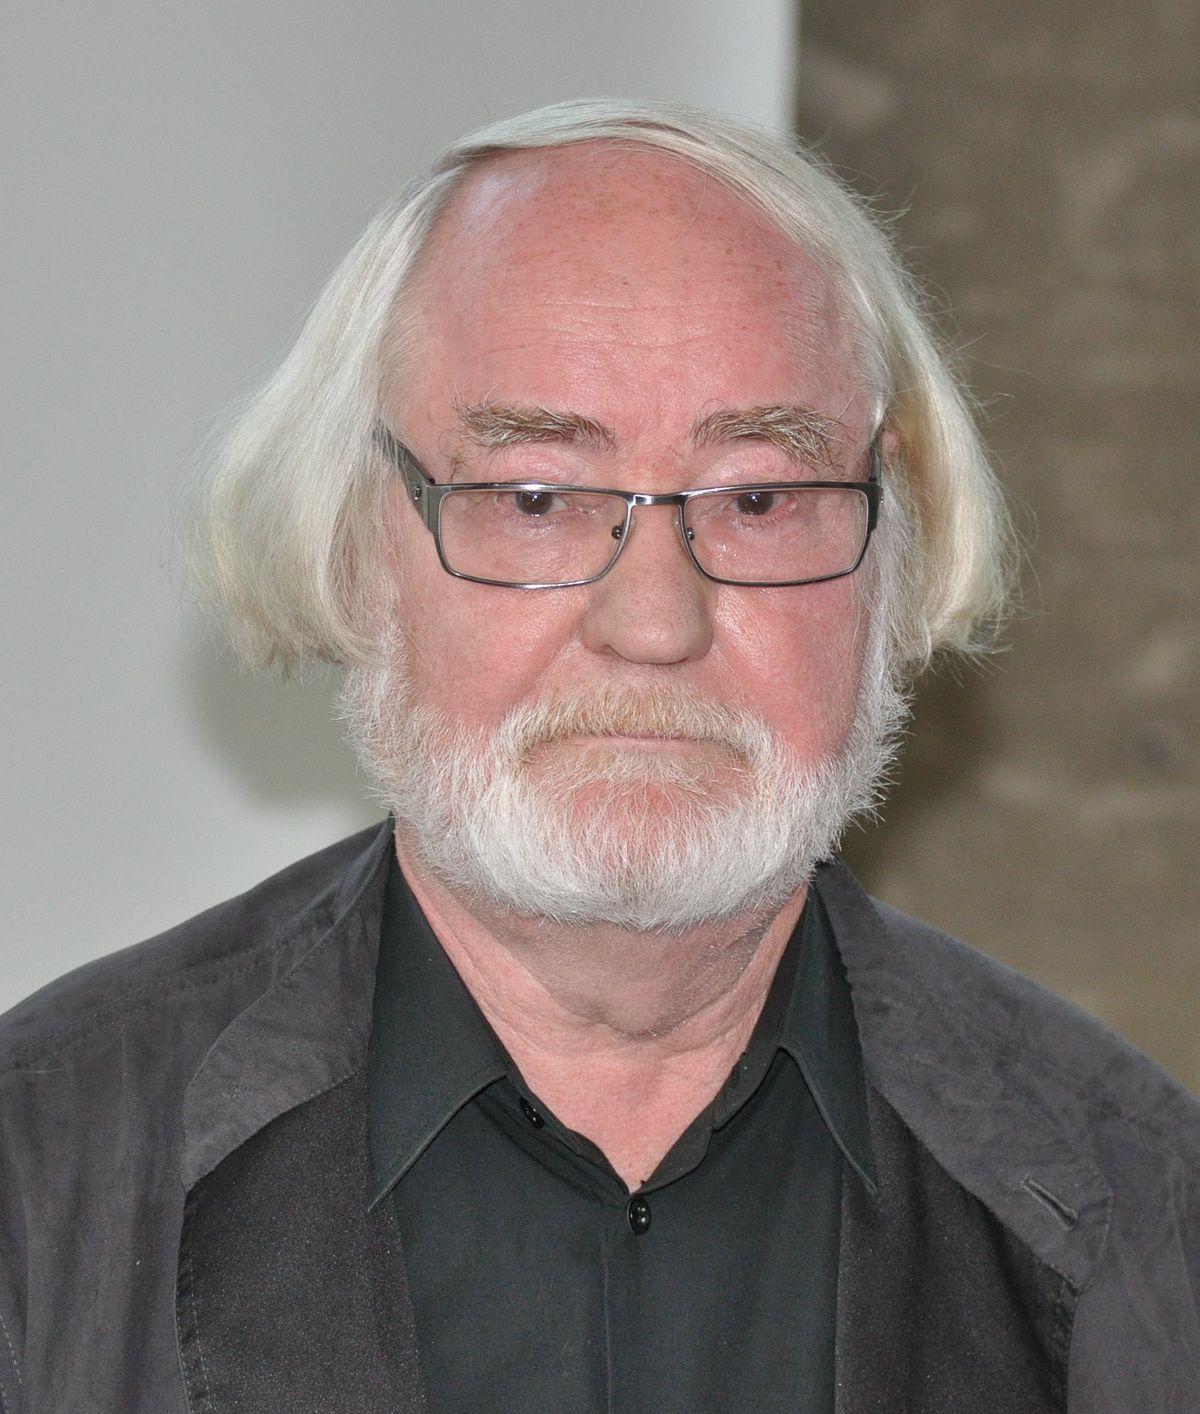 Juhani Pallasmaa Wikipedia